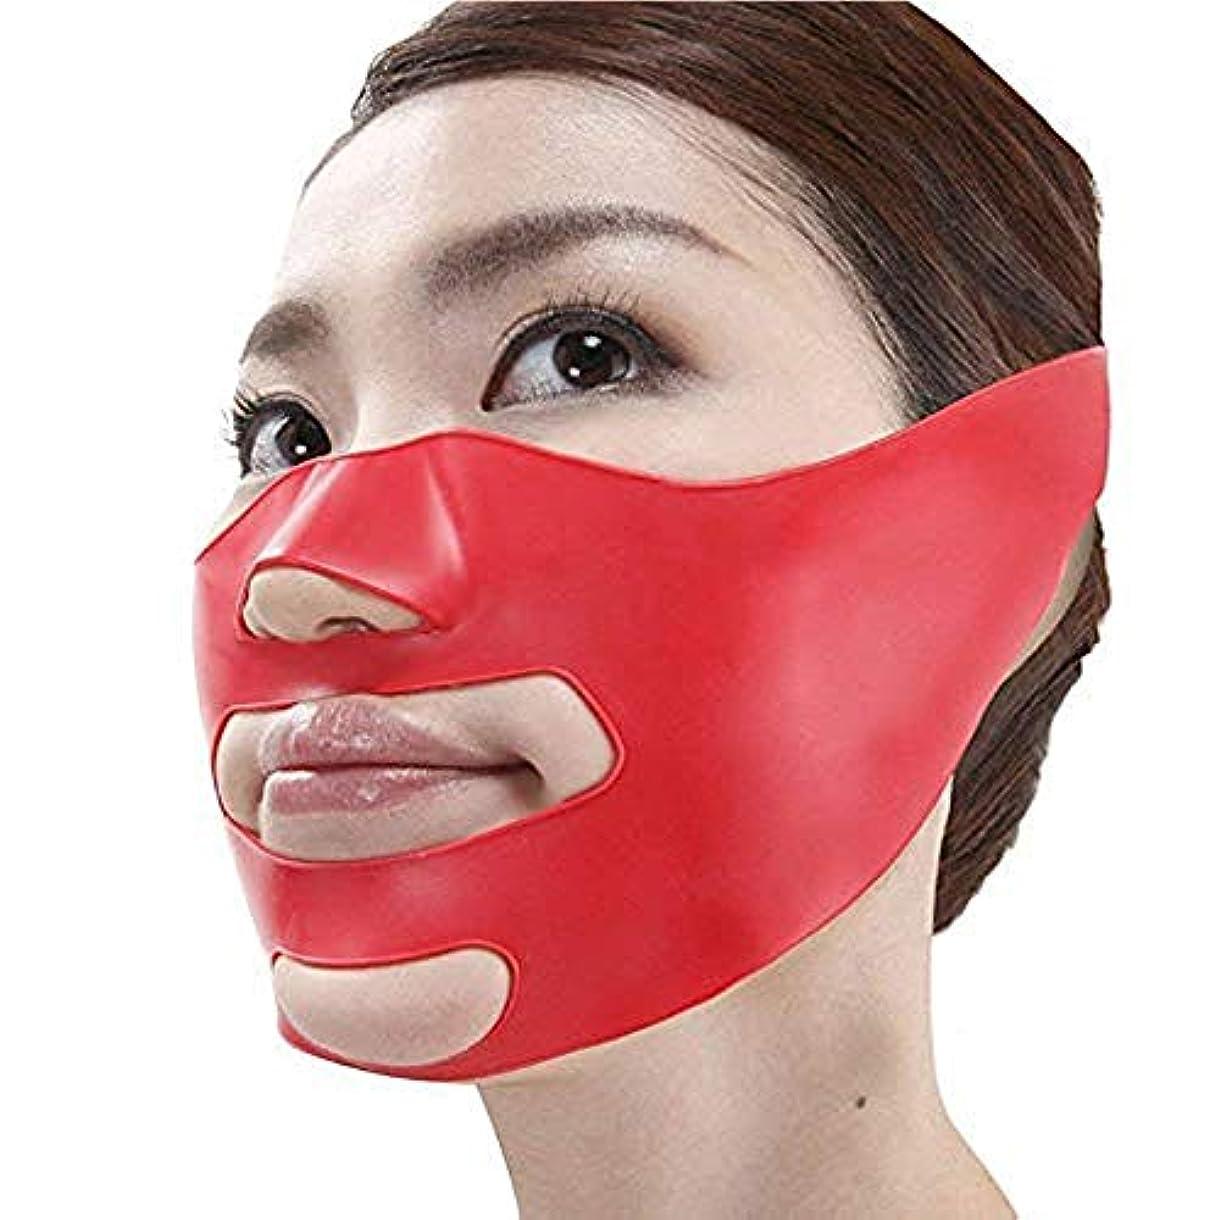 しなければならない支店ビジョンLindexs 小顔矯正 マスク 小顔補正ベルト ほうれい線 3Dエクササイズマスク リフトスリムマスク 抗シワ サウナマスク 法令線予防 美容グッ (フリーサイズ)